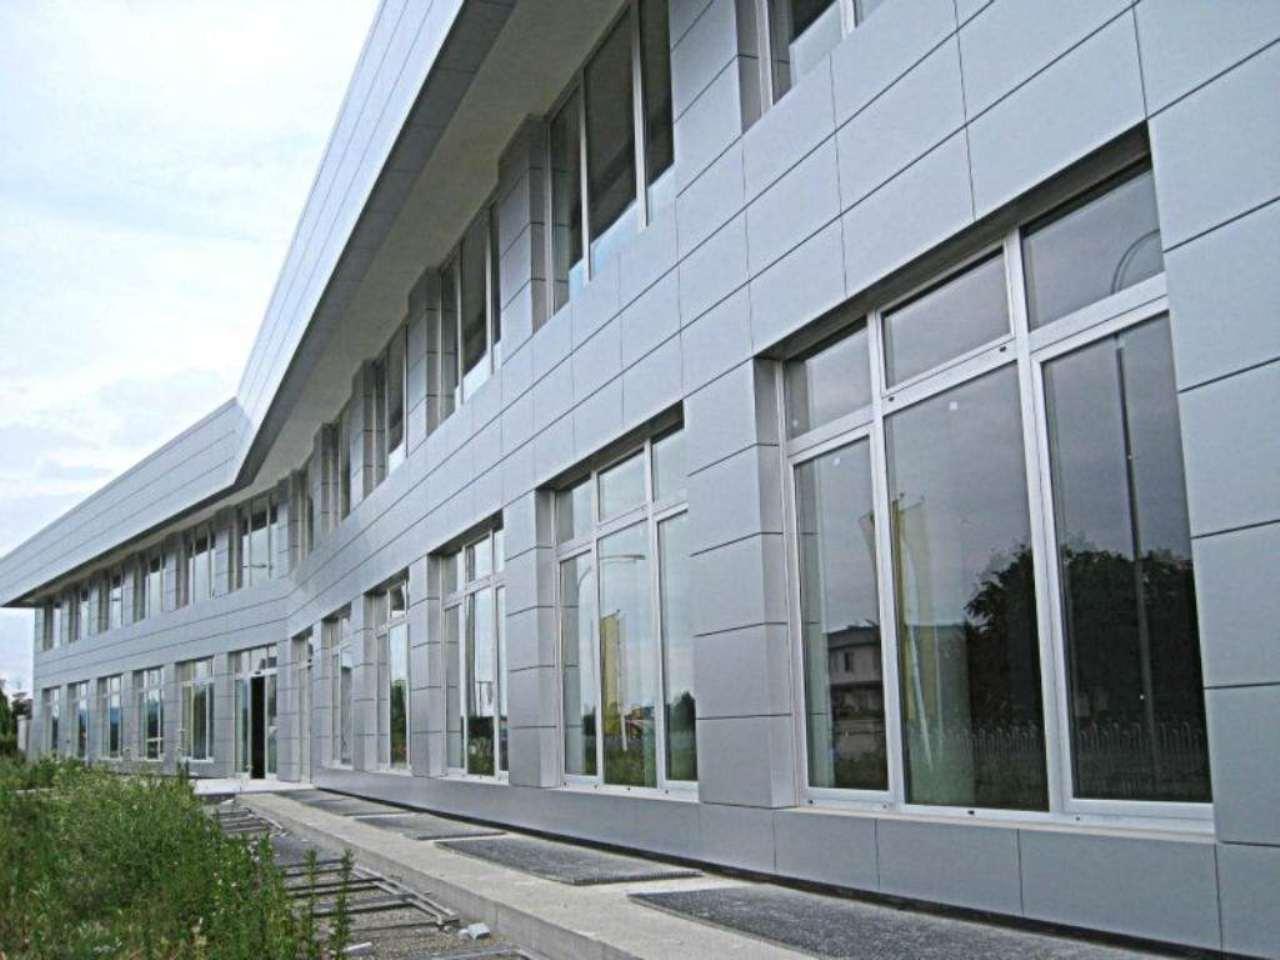 Ufficio / Studio in affitto a Brandizzo, 2 locali, prezzo € 5.600 | Cambio Casa.it